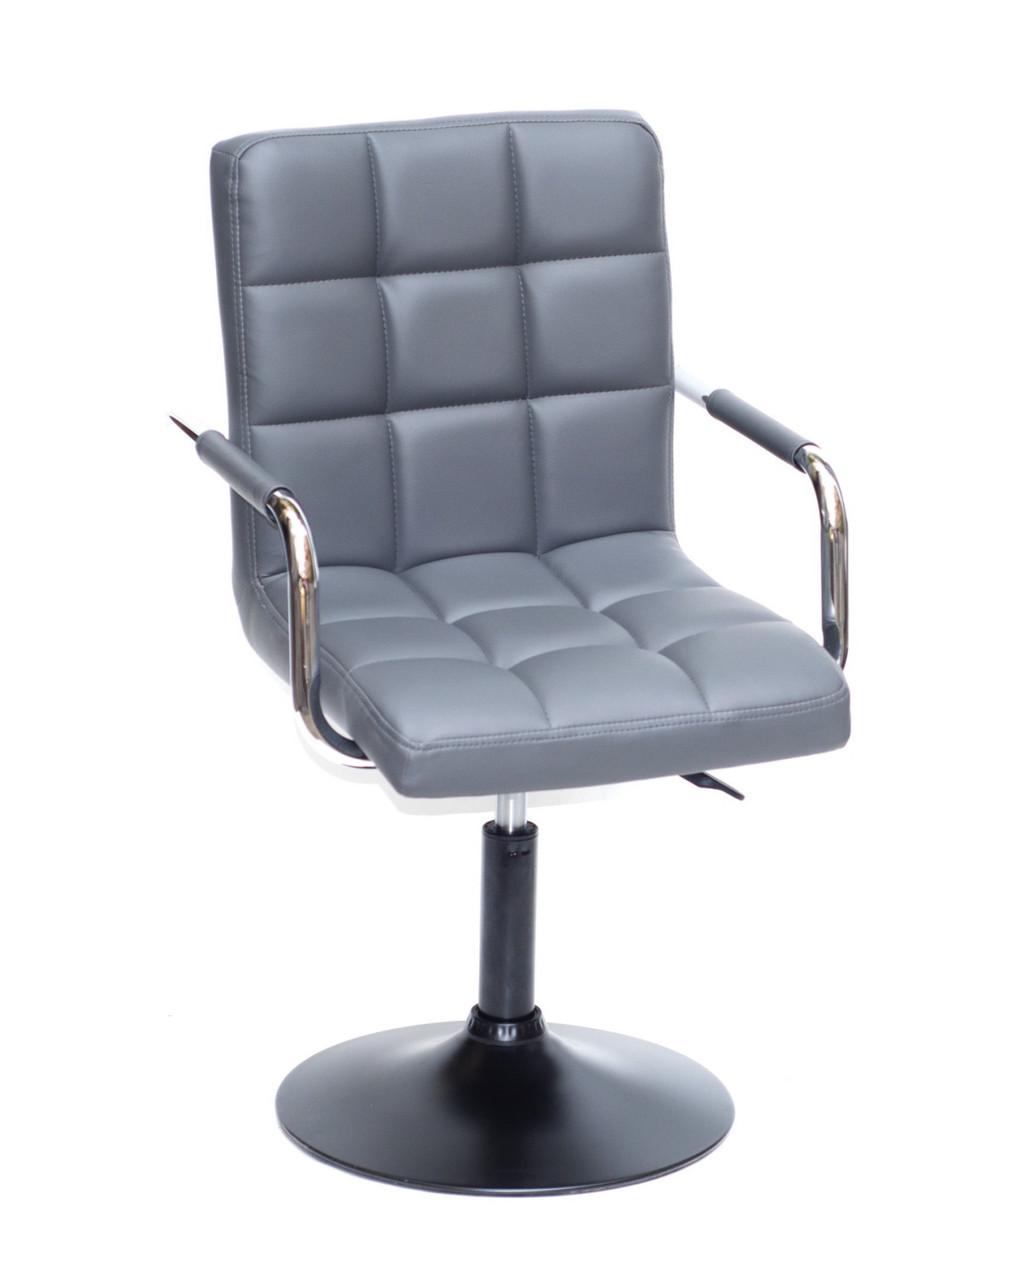 Кресло парикмахера Augusto (Августо) ВК-BASE серая экокожа на  диске с подлокотниками